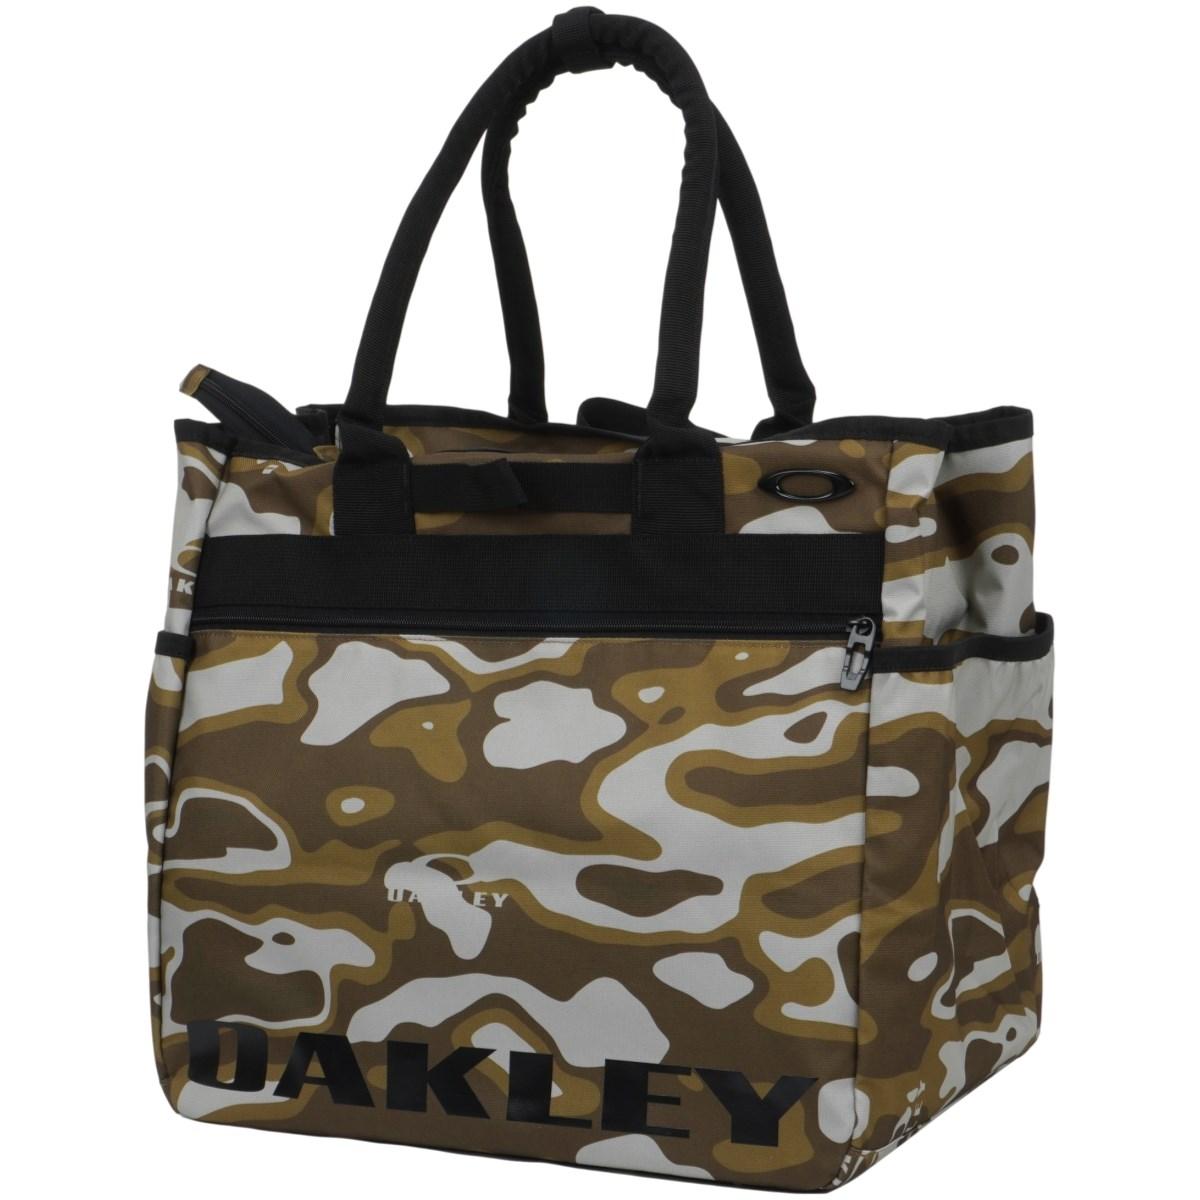 オークリー OAKLEY トートバッグ 15.0 ブラウンプリント